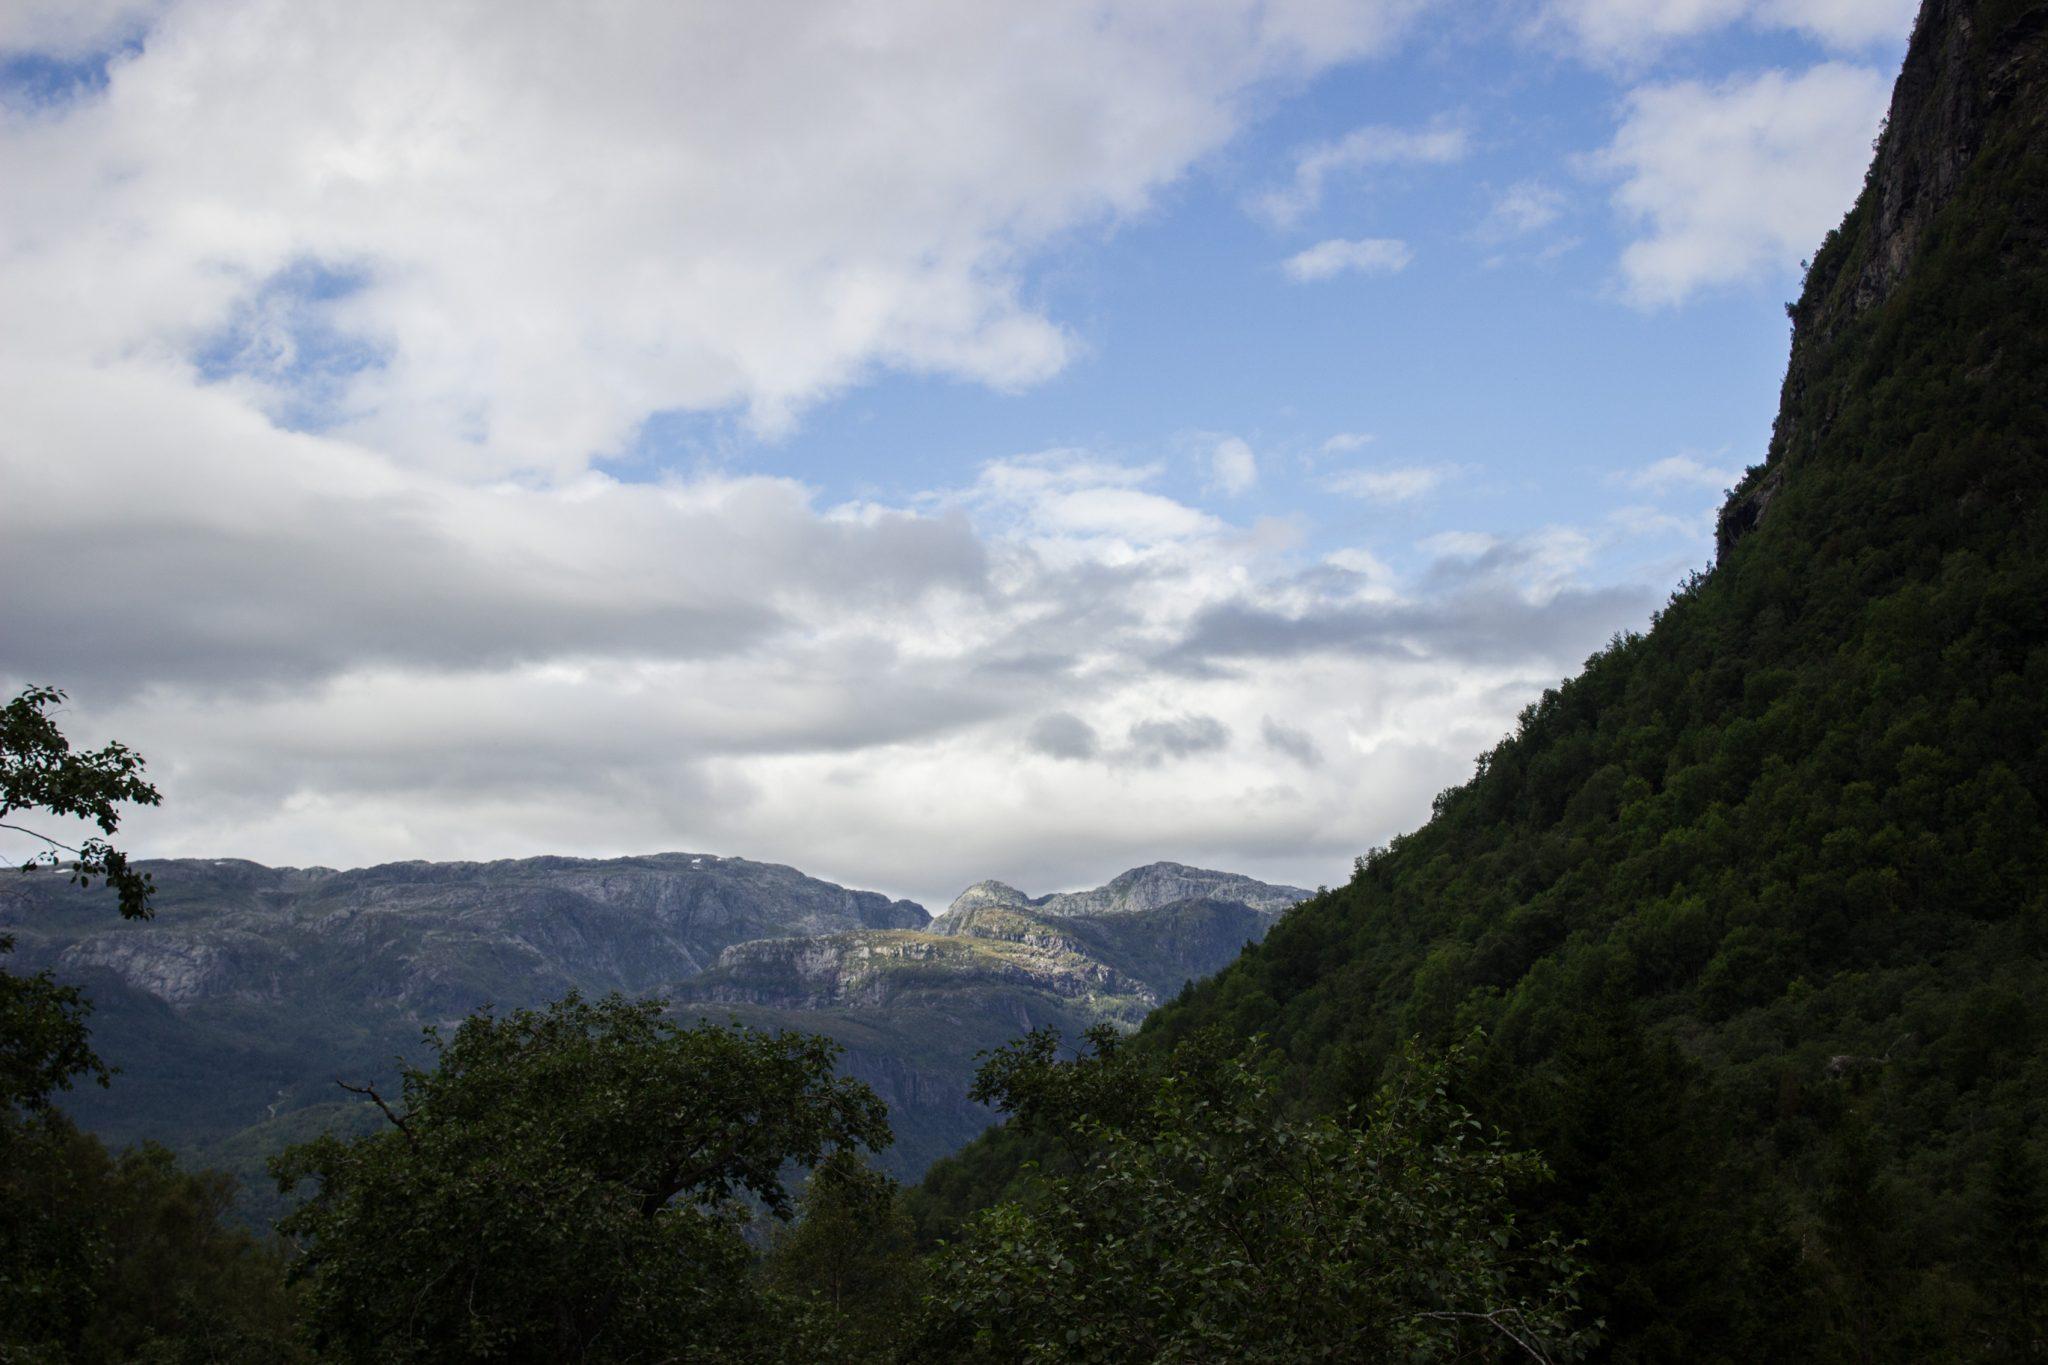 Wanderung vom Ort Sundal bis zum Gletscher Bondhusbreen im Folgefonna Nationalpark, traumhafte Bergkulisse, schöner Sommertag, umgeben von Wald